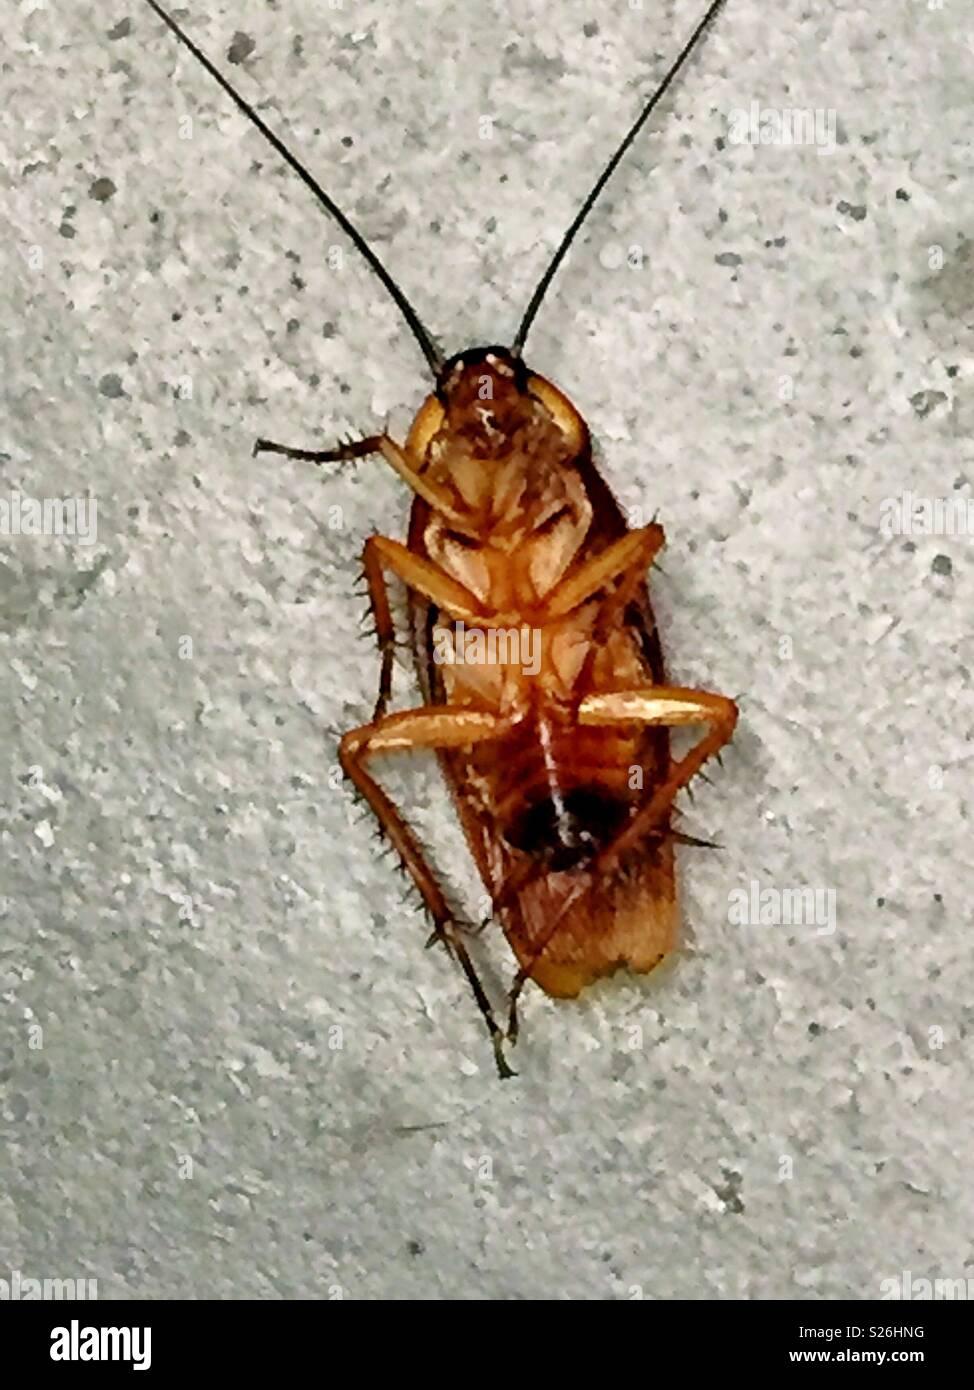 Una cucaracha muerta en un piso de concreto, EE.UU. Imagen De Stock